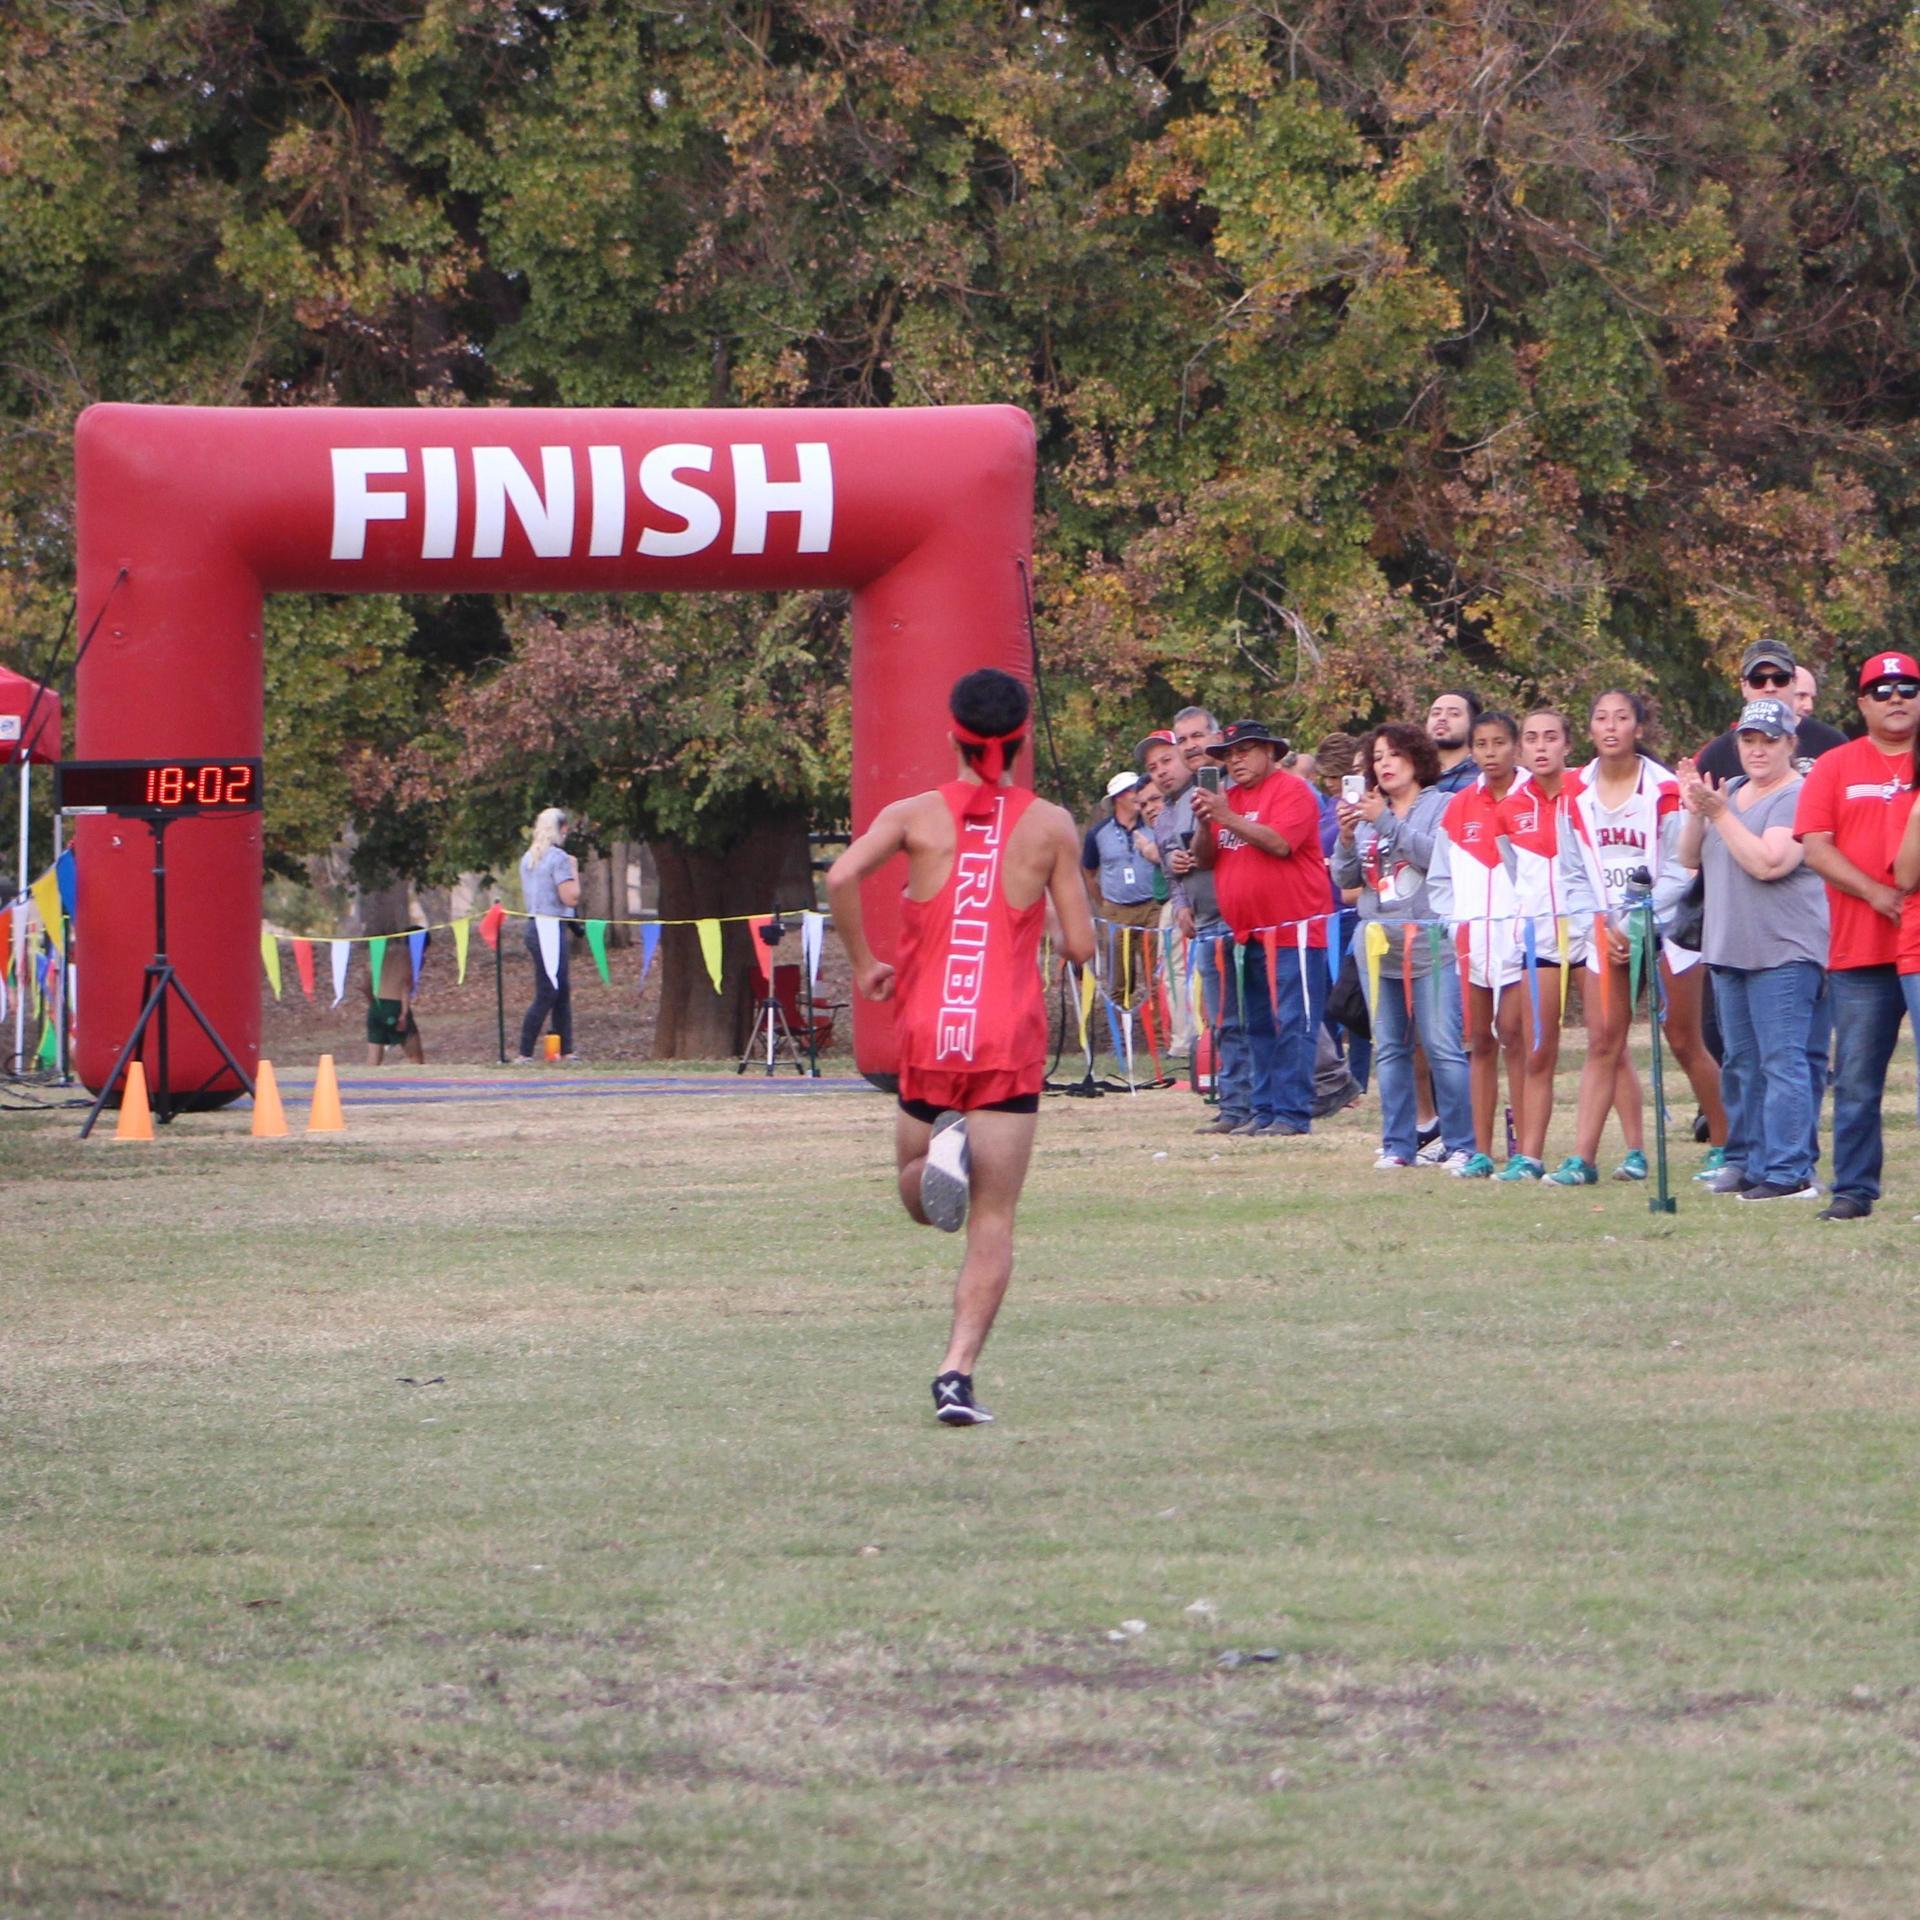 Ryan Diaz running